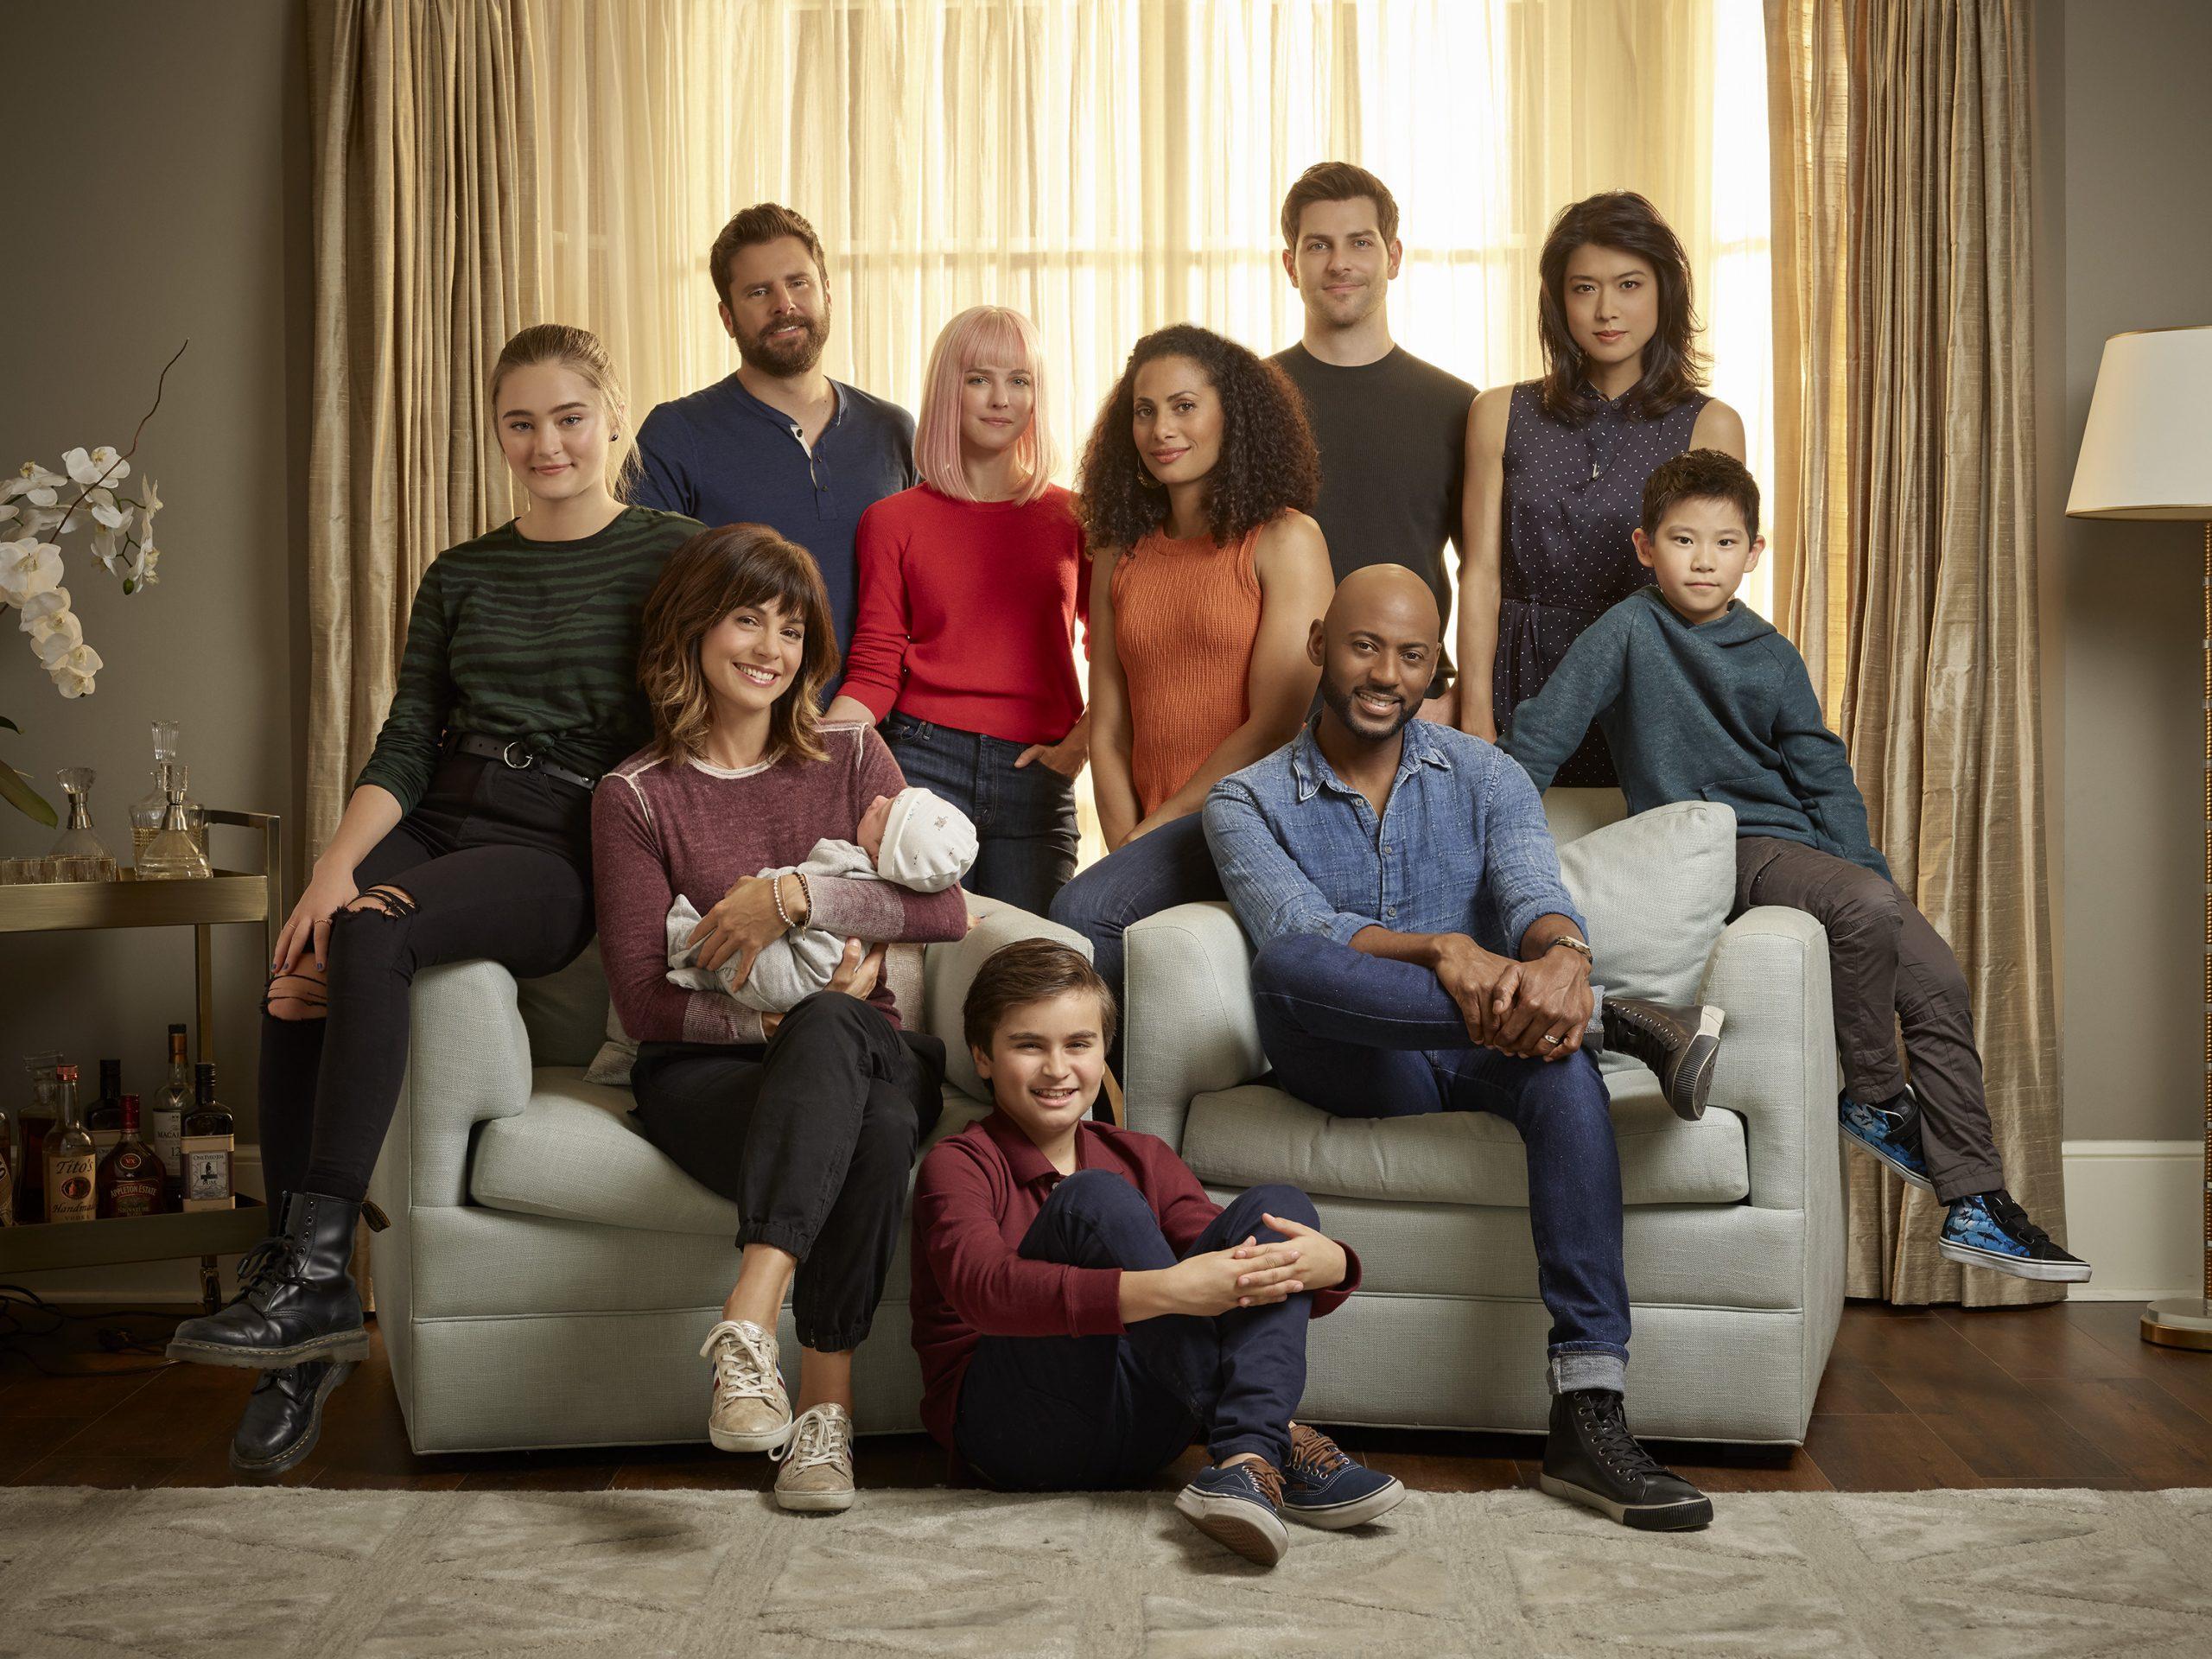 A Million Little Things Season 4 Episode 2 Release Date